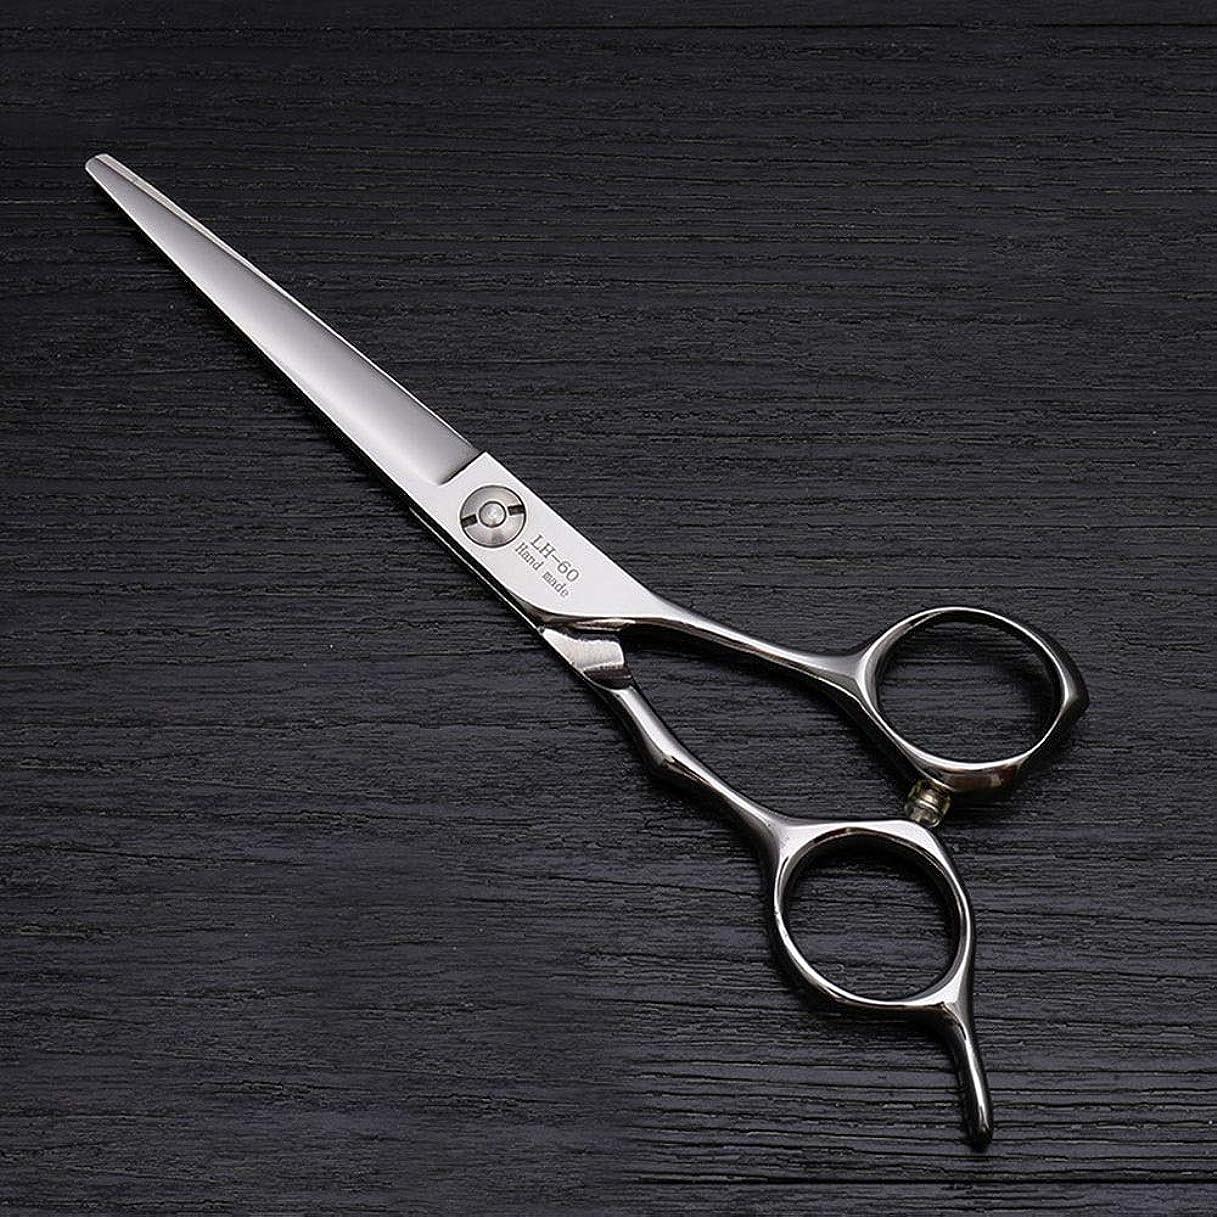 うねるベリ骨の折れる理髪用はさみ 6インチ散髪フラットせん断、ハイエンドヘアスタイリスト特別理髪はさみ440高品質スチールヘアカットシザーステンレス理髪はさみ (色 : Silver)